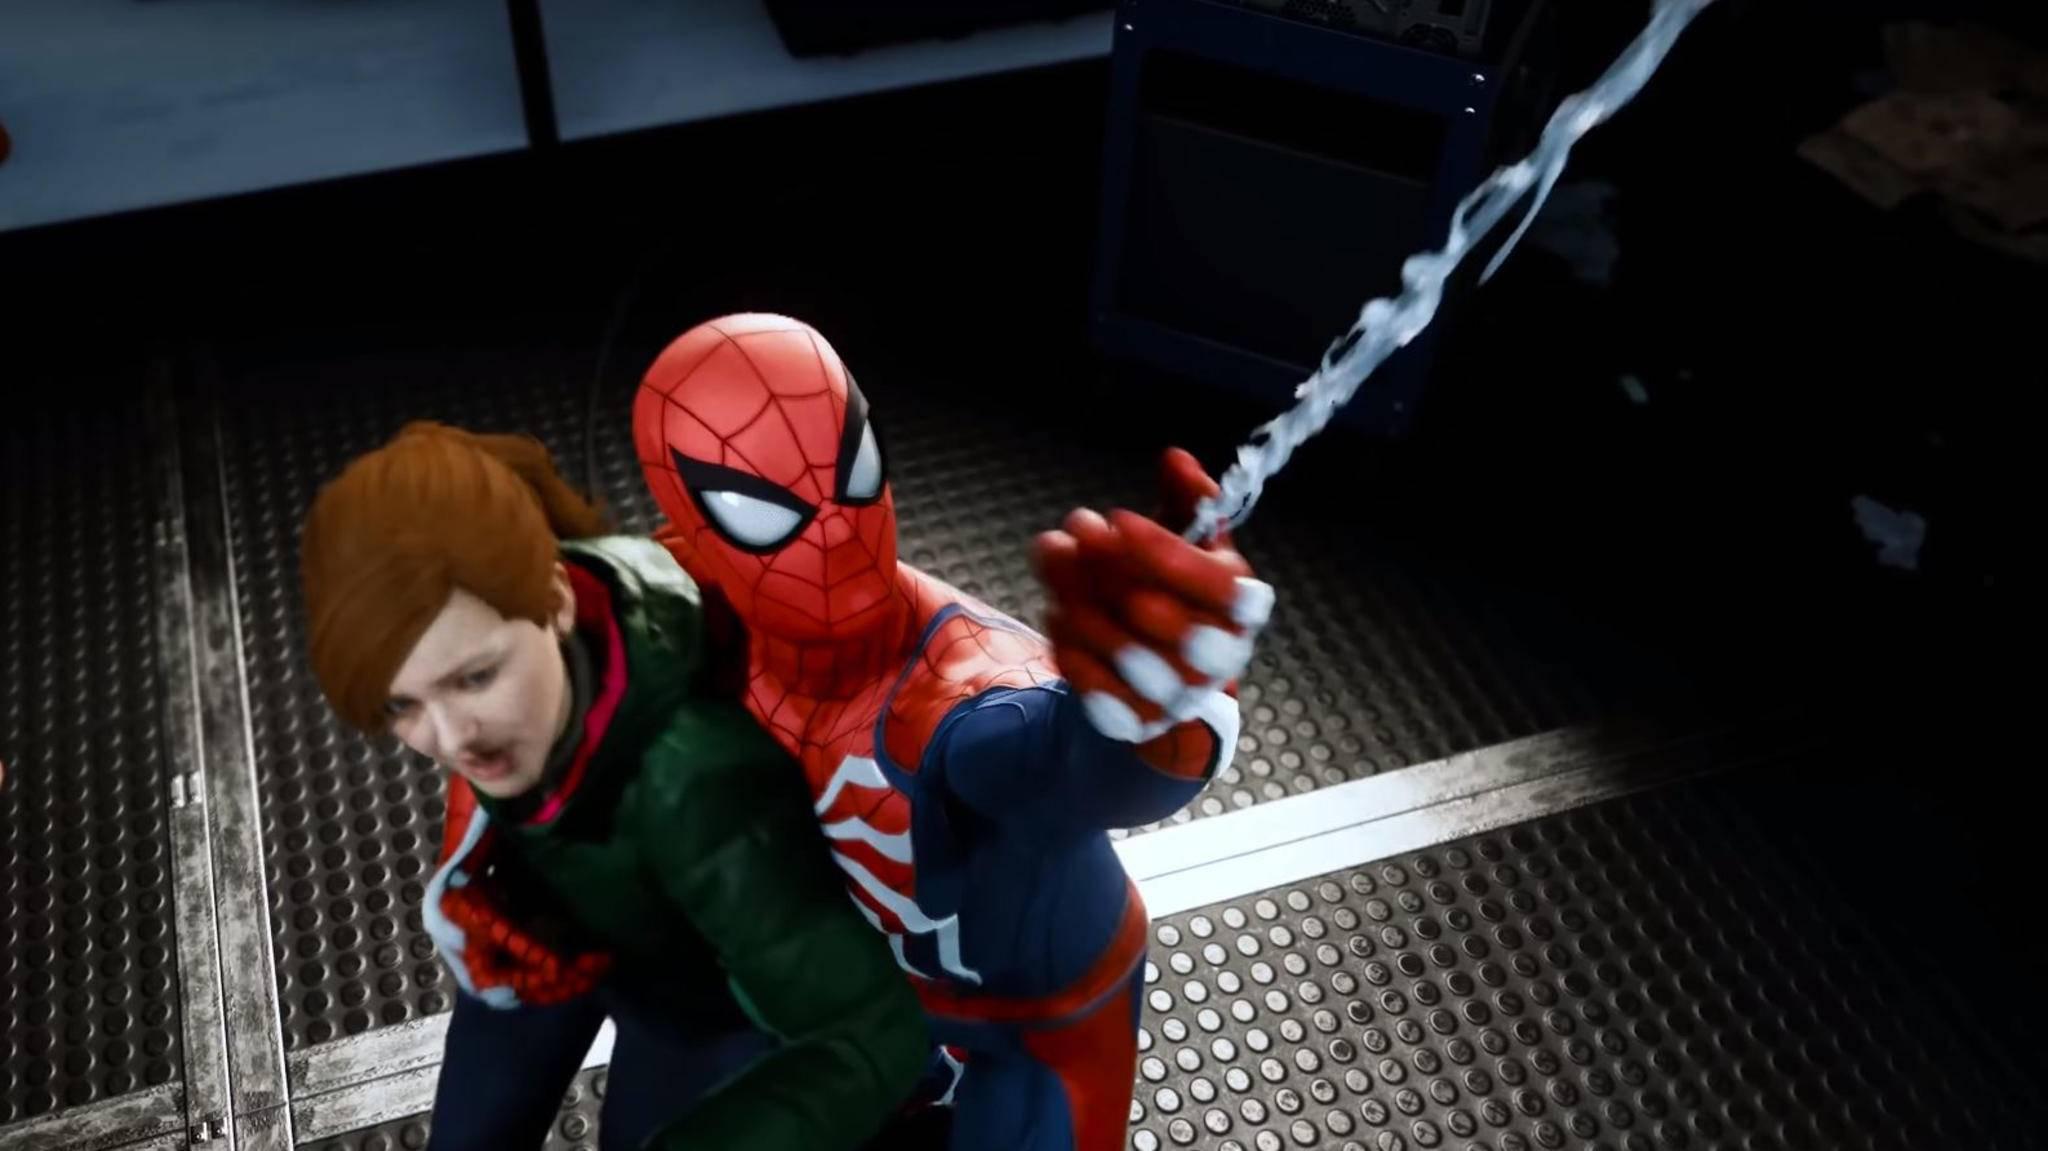 Spider-Man rettet Mary Jane aus einer misslichen Lage.